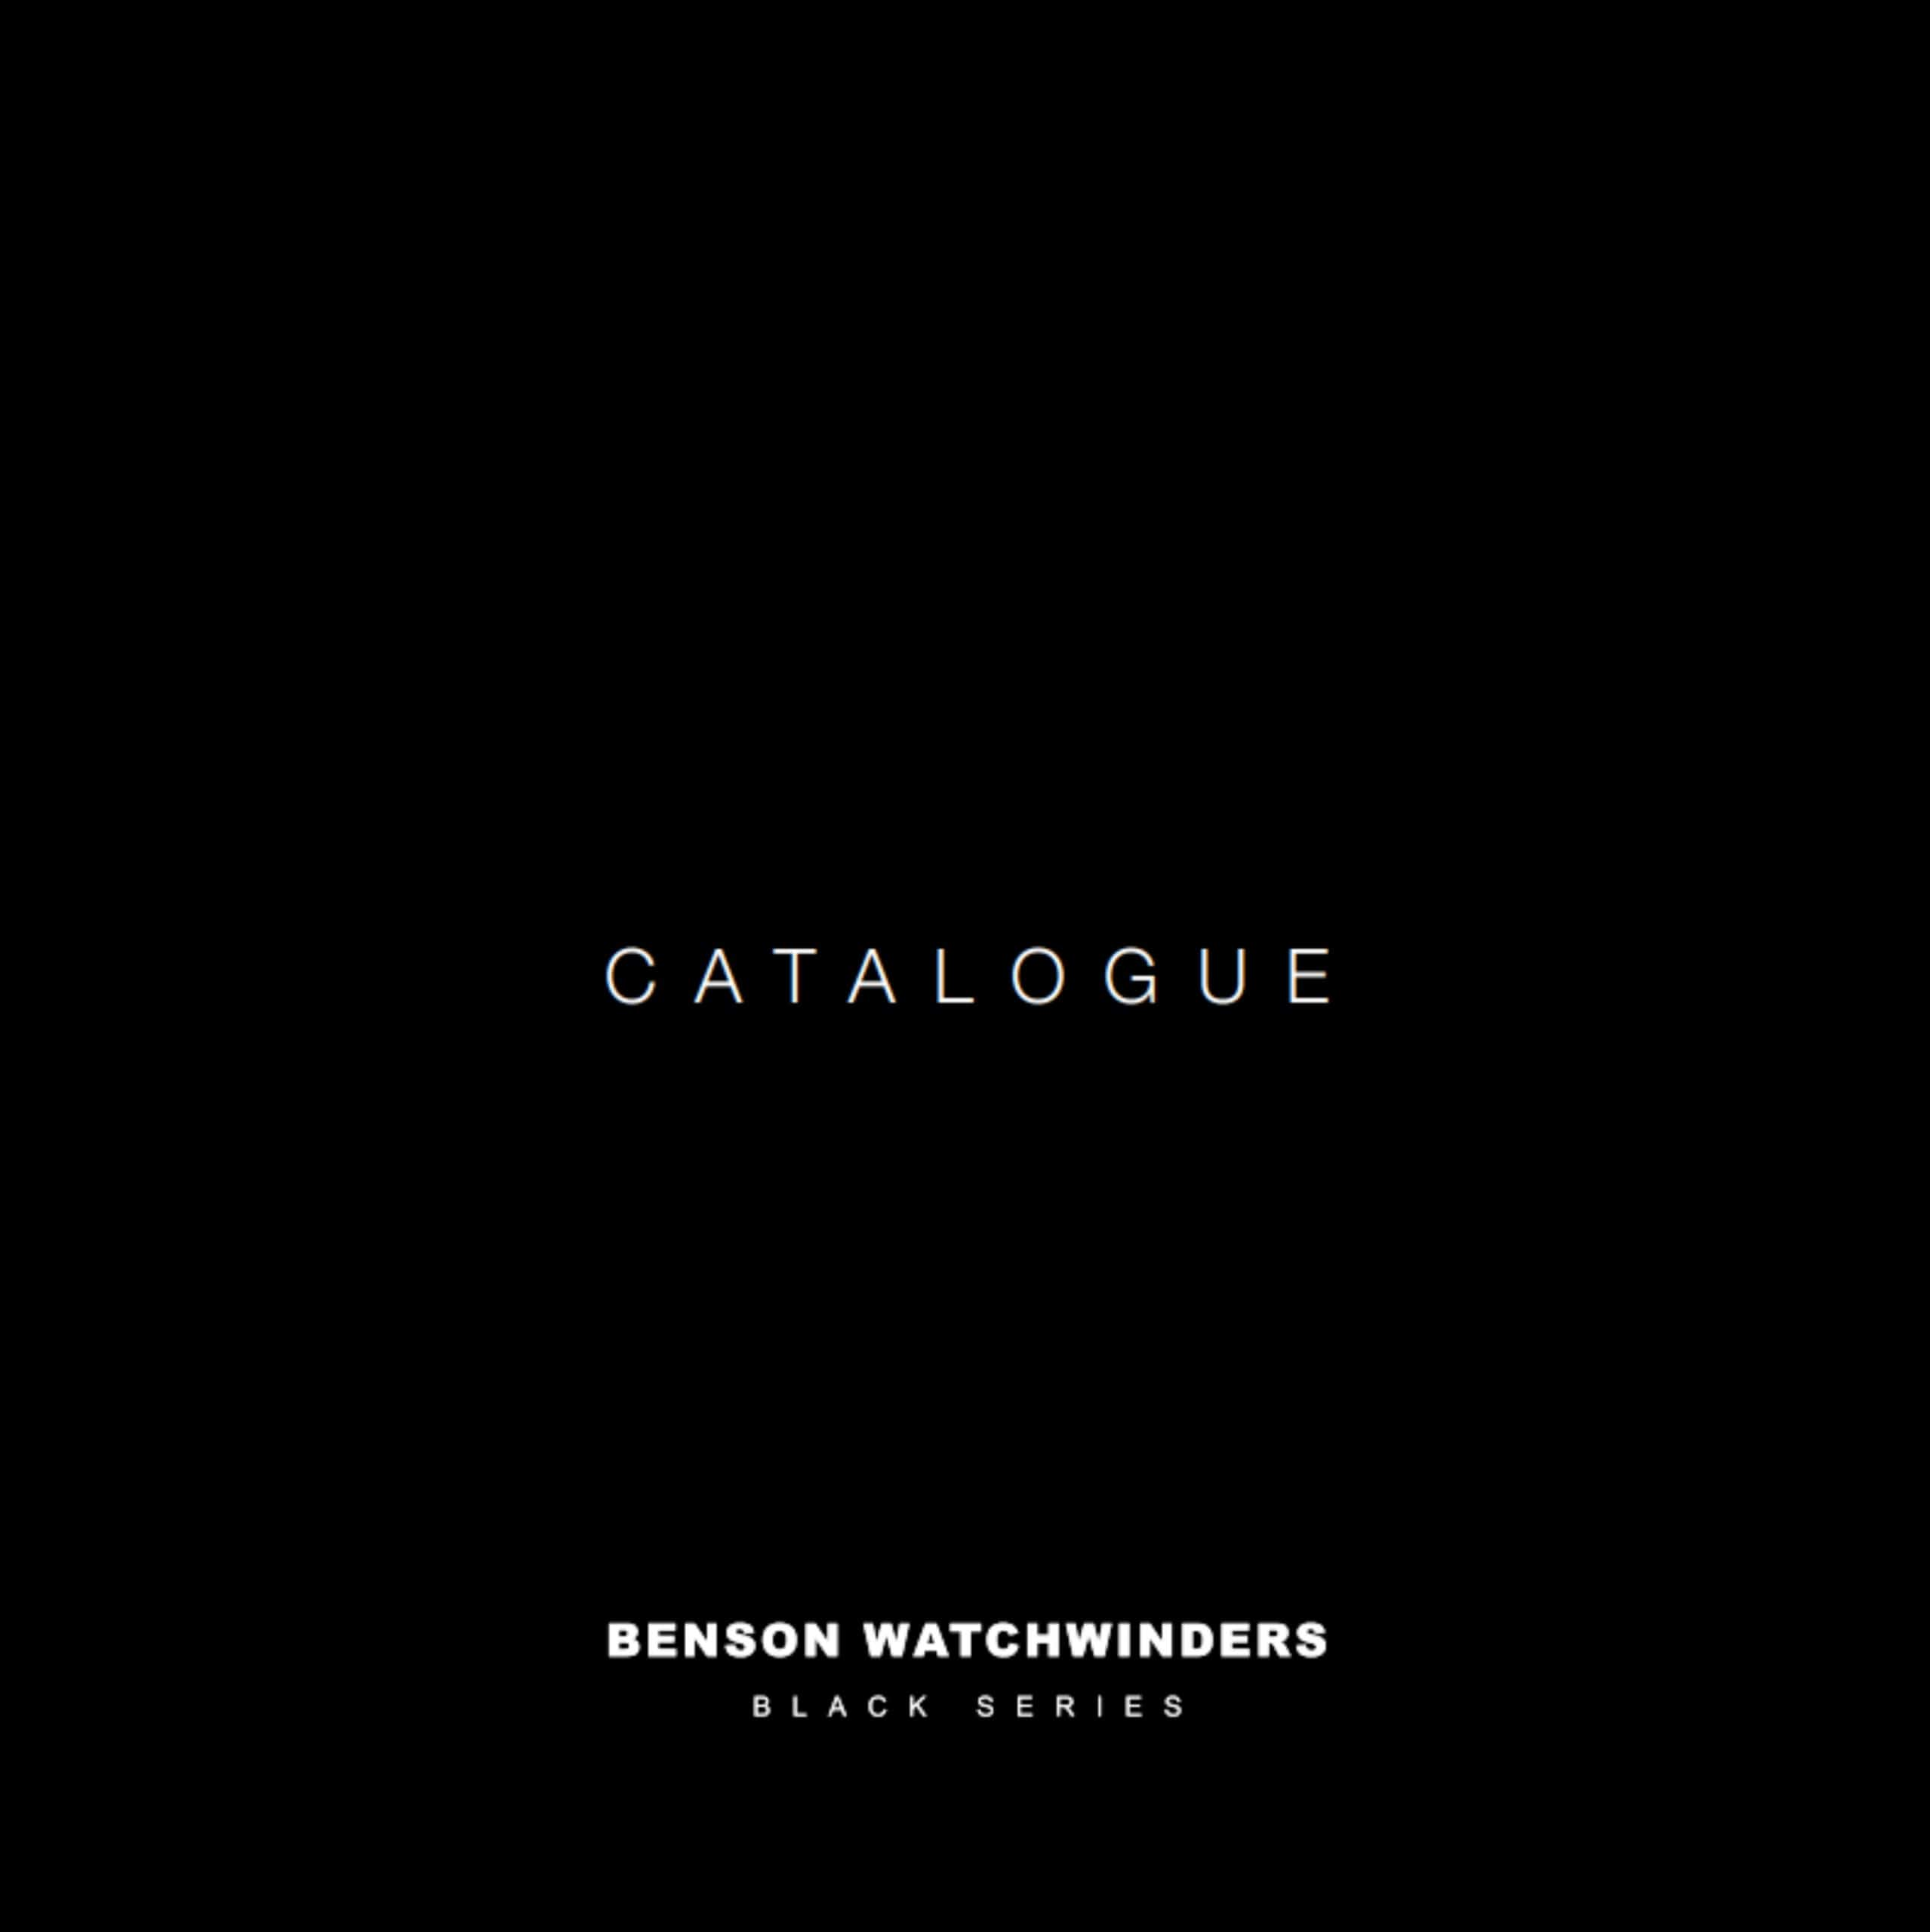 Benson_Black_Series_Catalogue_Cover